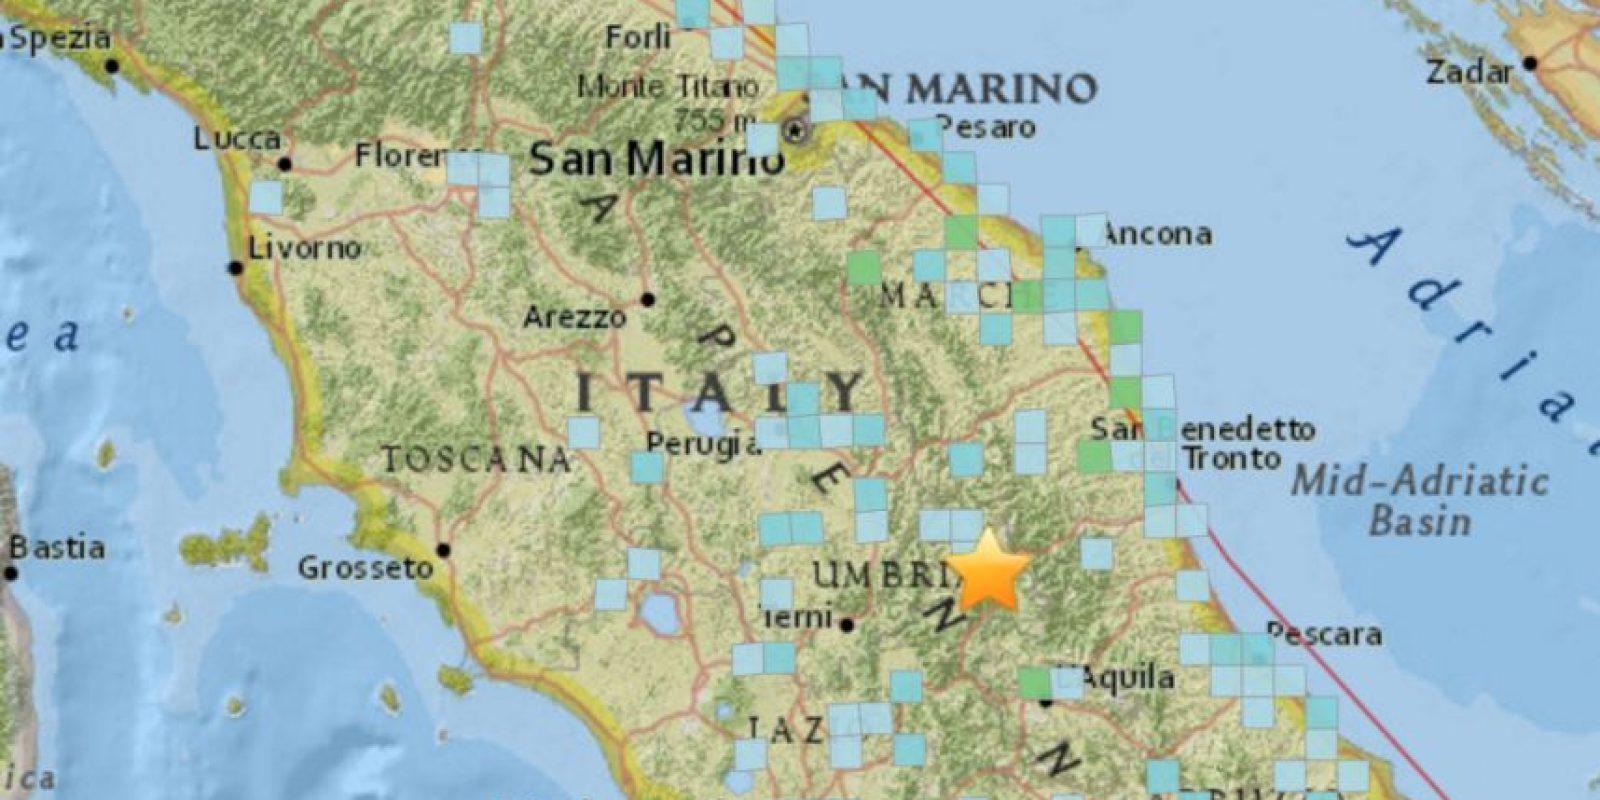 Las ciudades donde se sintió el movimiento telúrico. Foto:USGS. Imagen Por: